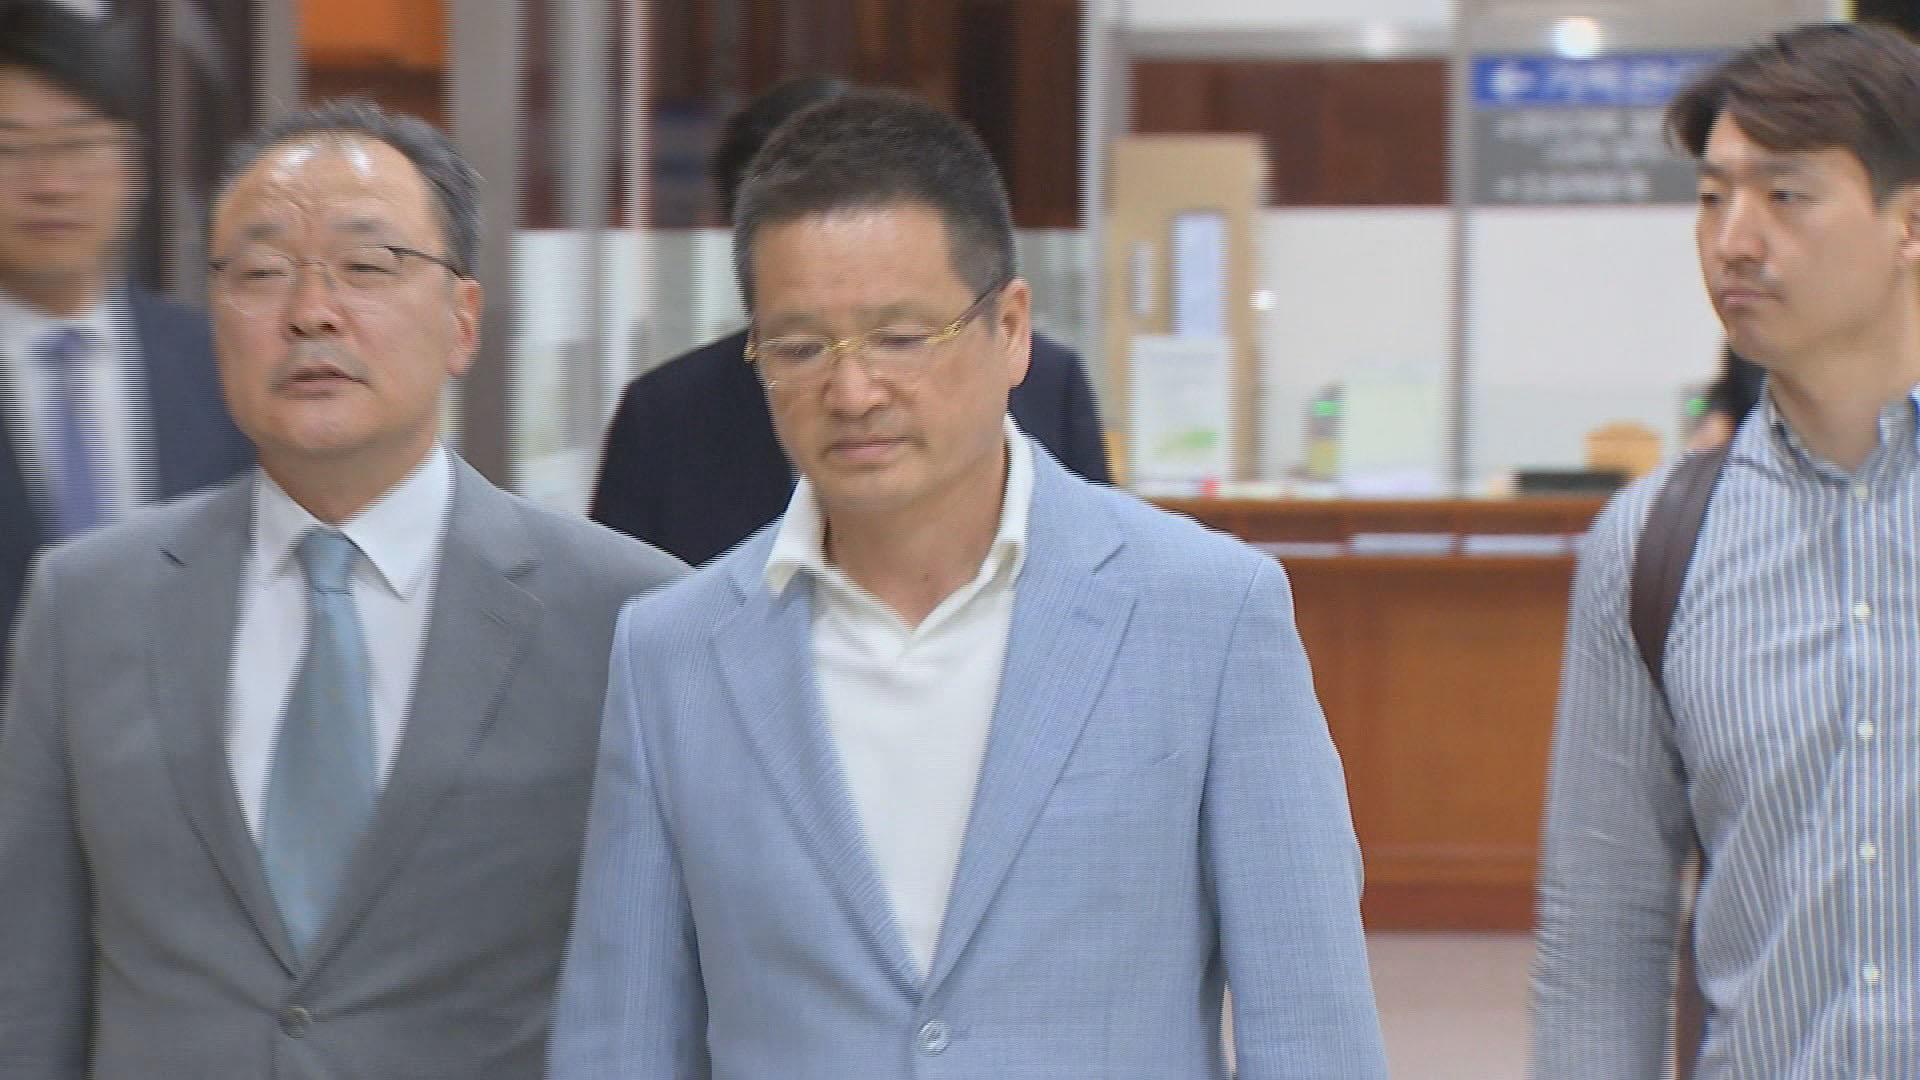 '별장 성접대 의혹' 윤중천, 징역 5년6개월 확정